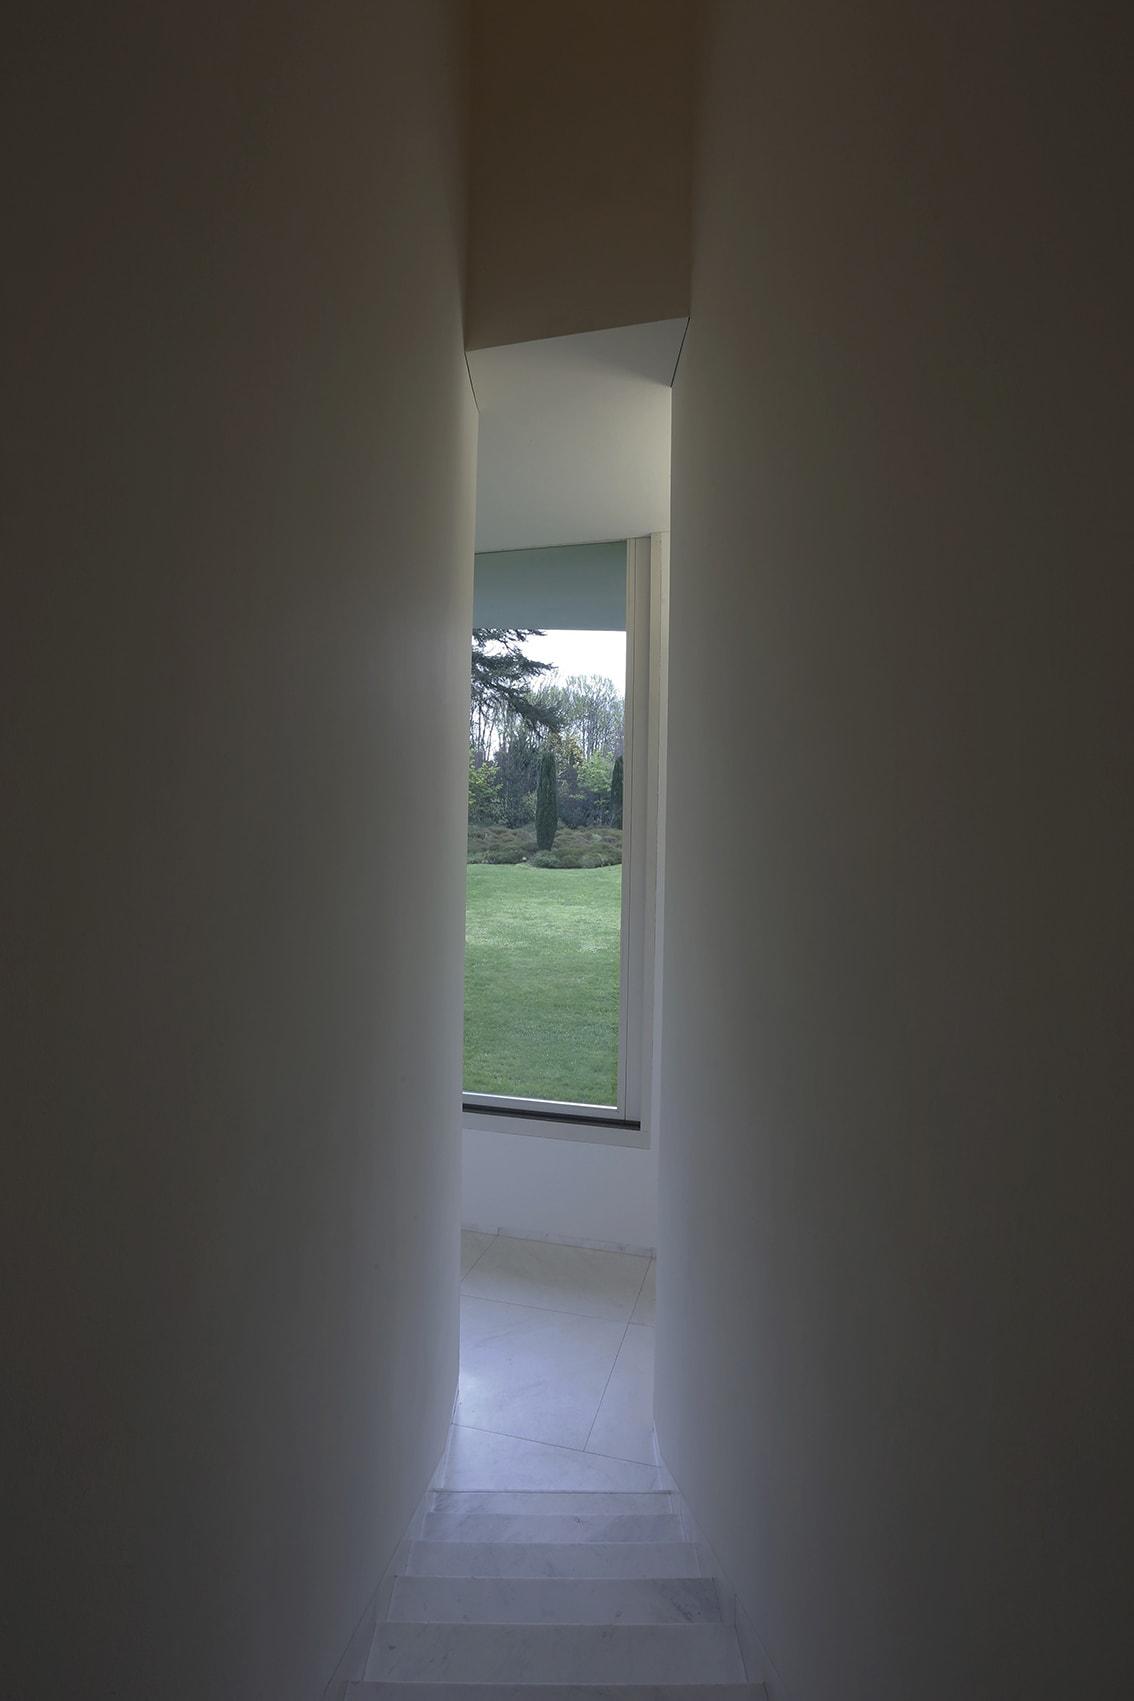 193 Lvaro Siza Vieira Atelier Xyz 183 Serralves Museum Of